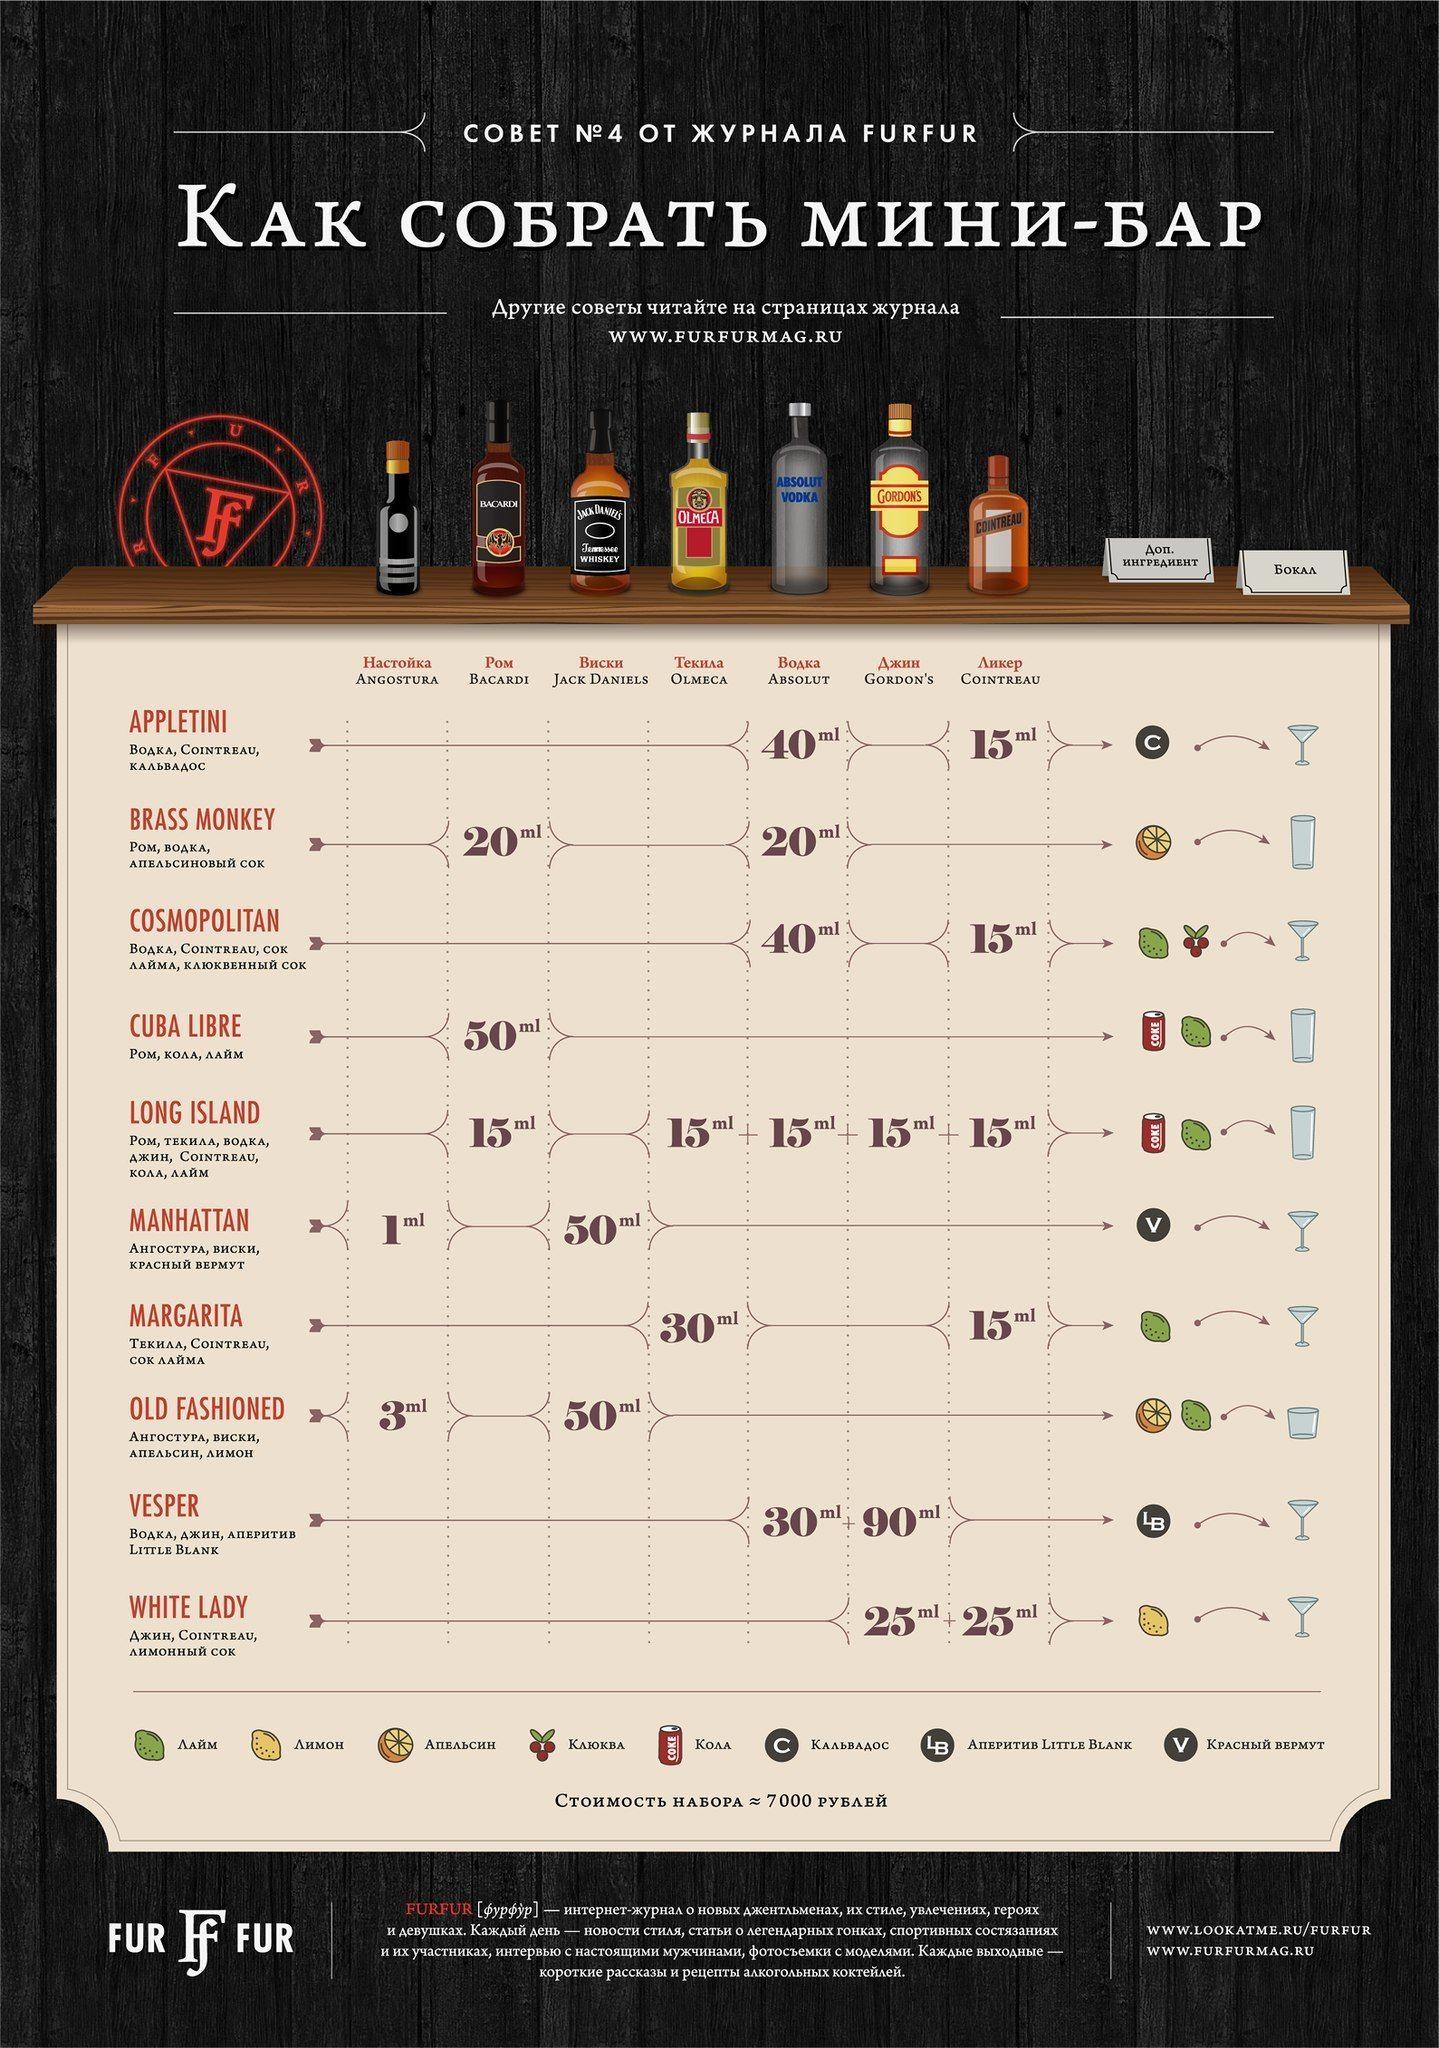 Инфографика: как собрать мини-бар